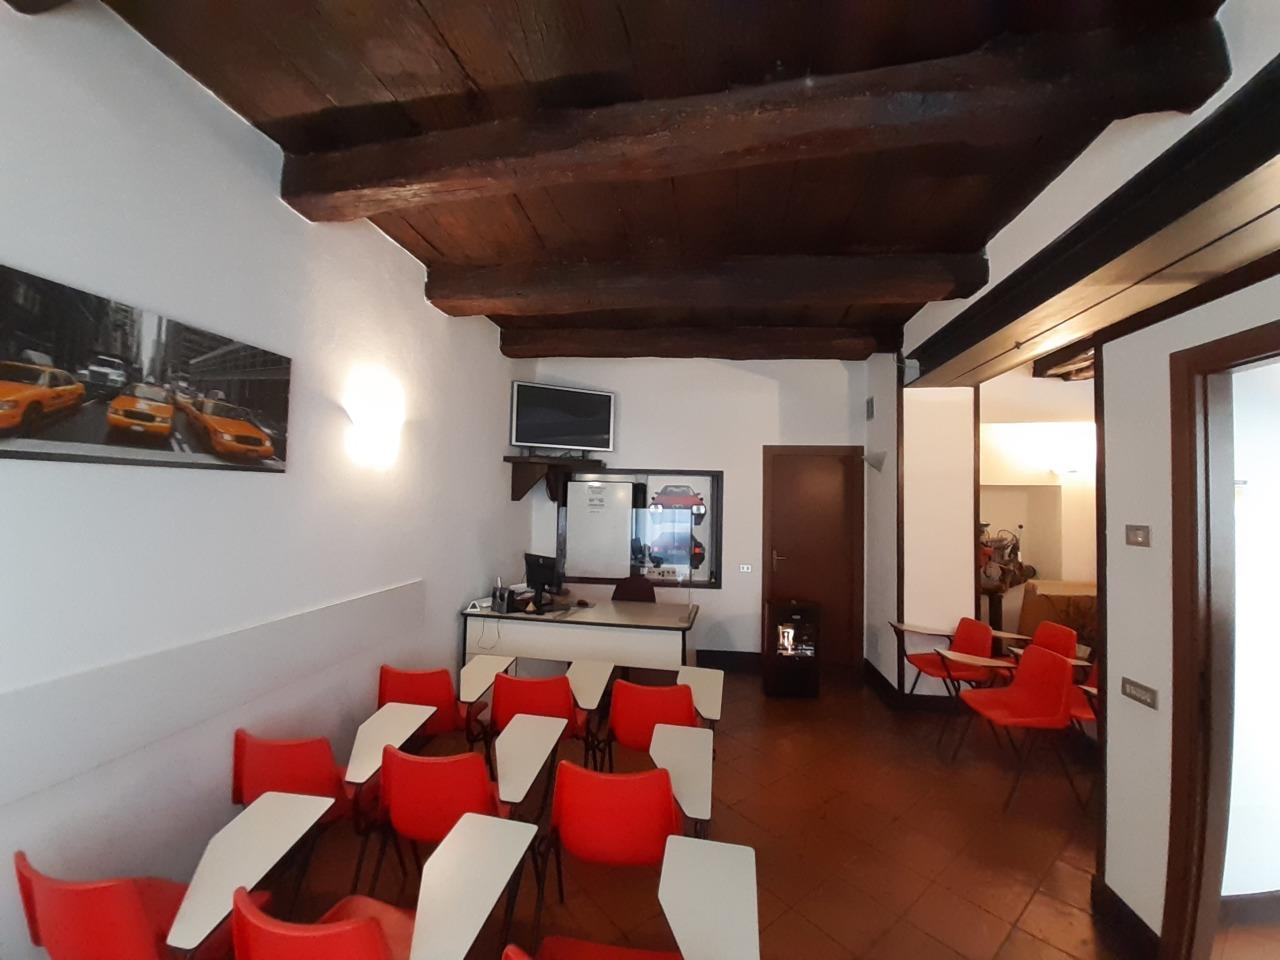 Ufficio / Studio in vendita a Somma Lombardo, 3 locali, prezzo € 80.000 | PortaleAgenzieImmobiliari.it